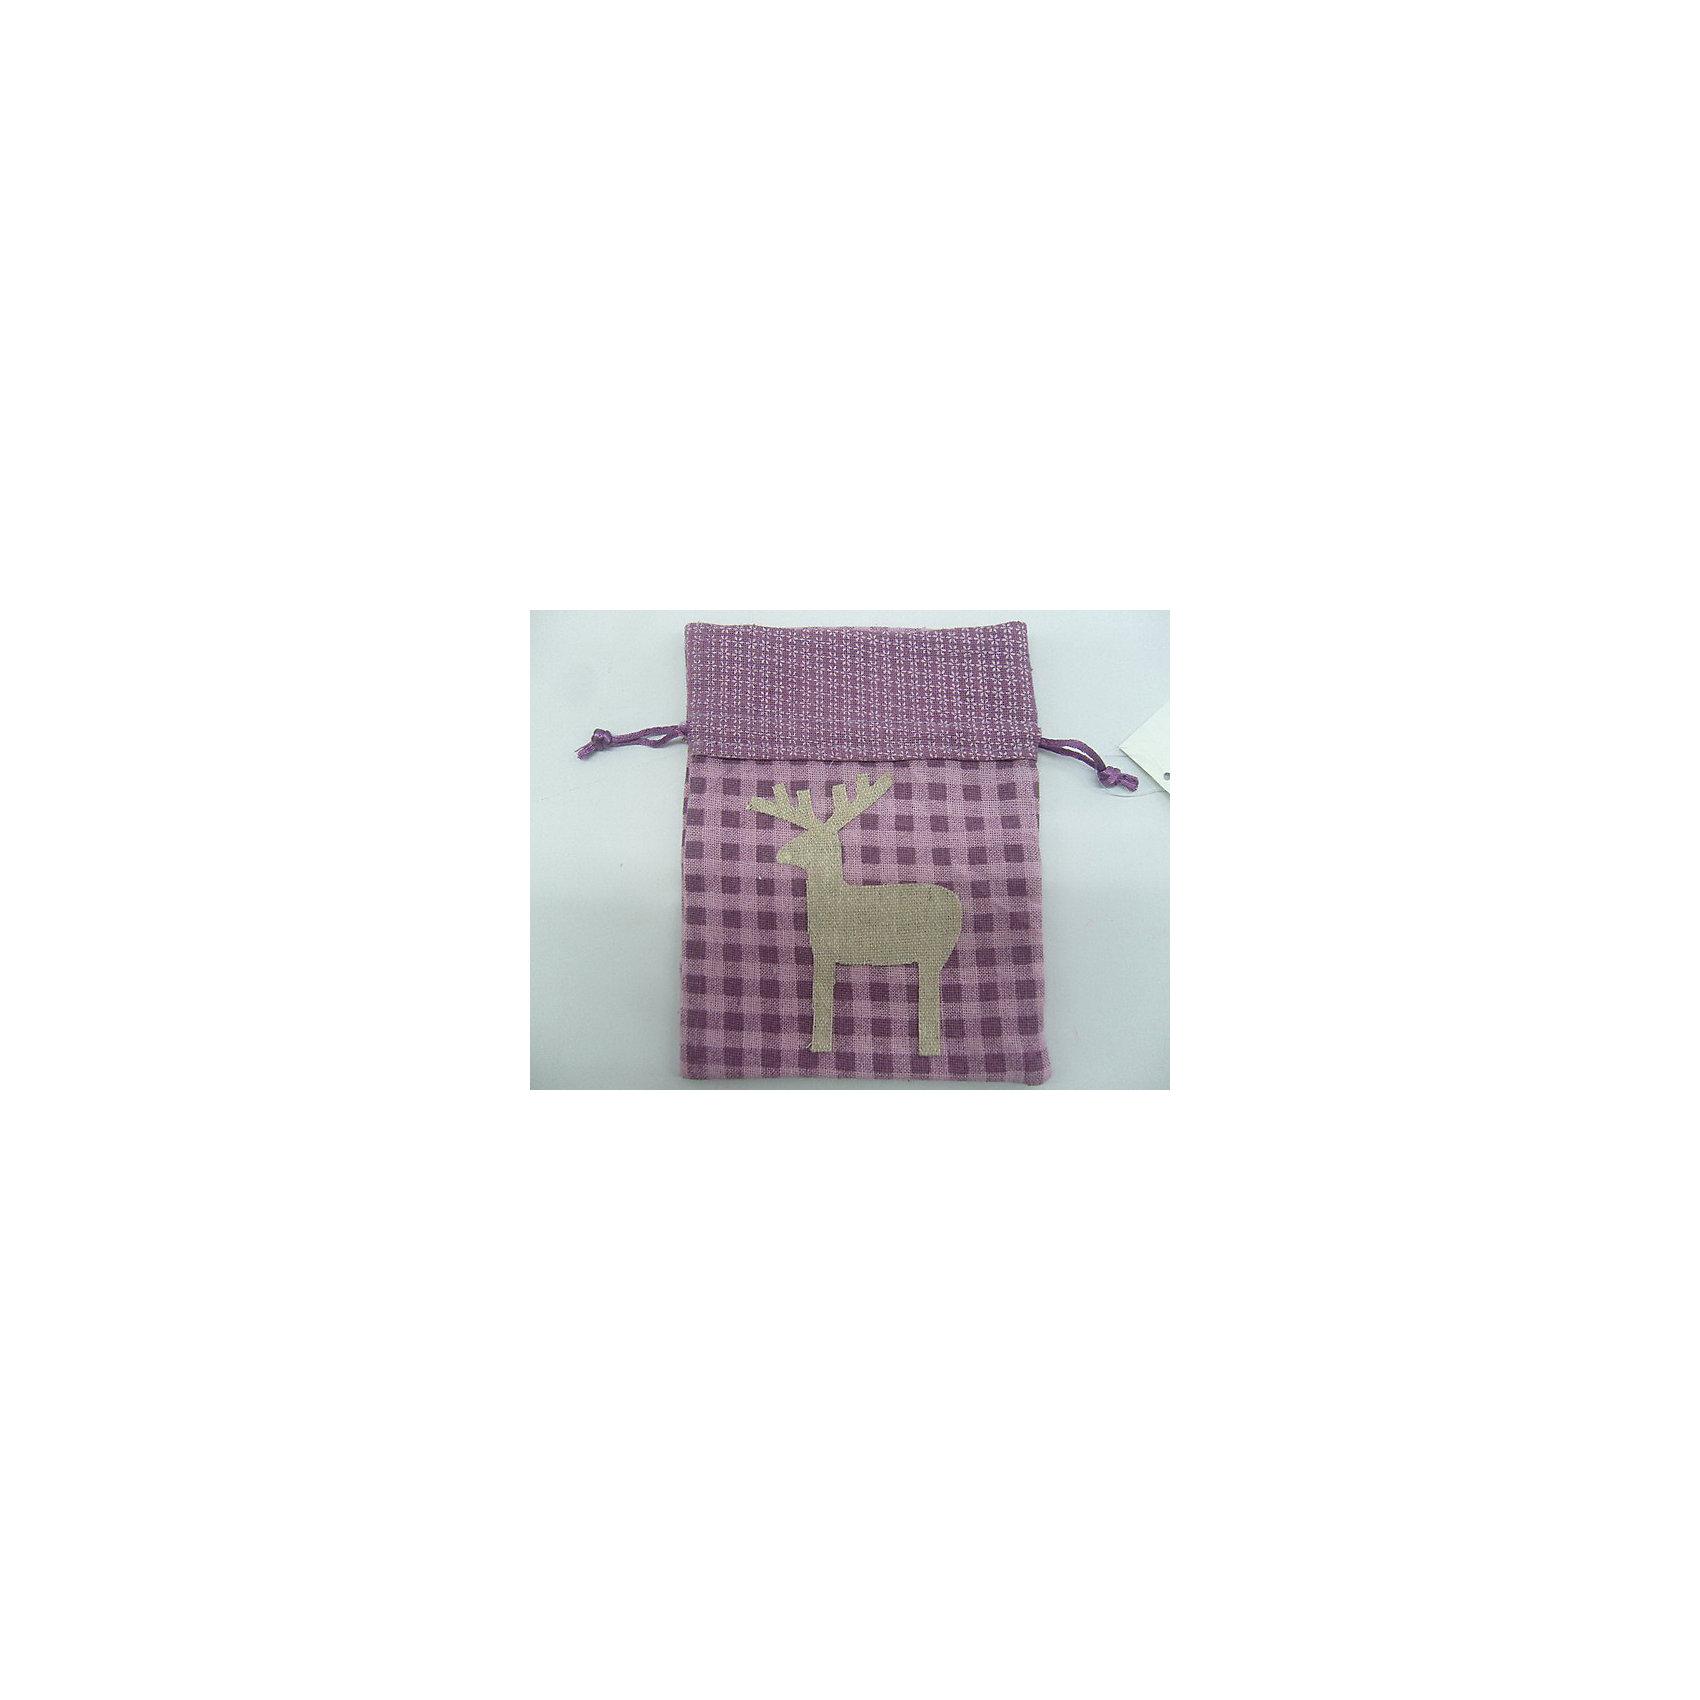 Украшение из ткани Мешочек для подарков 17 смНовогоднее подвесное украшение из ткани-25321 (полиэстер) Мешочек для подарков 17 см<br><br>Ширина мм: 190<br>Глубина мм: 140<br>Высота мм: 10<br>Вес г: 28<br>Возраст от месяцев: 60<br>Возраст до месяцев: 600<br>Пол: Унисекс<br>Возраст: Детский<br>SKU: 5144618